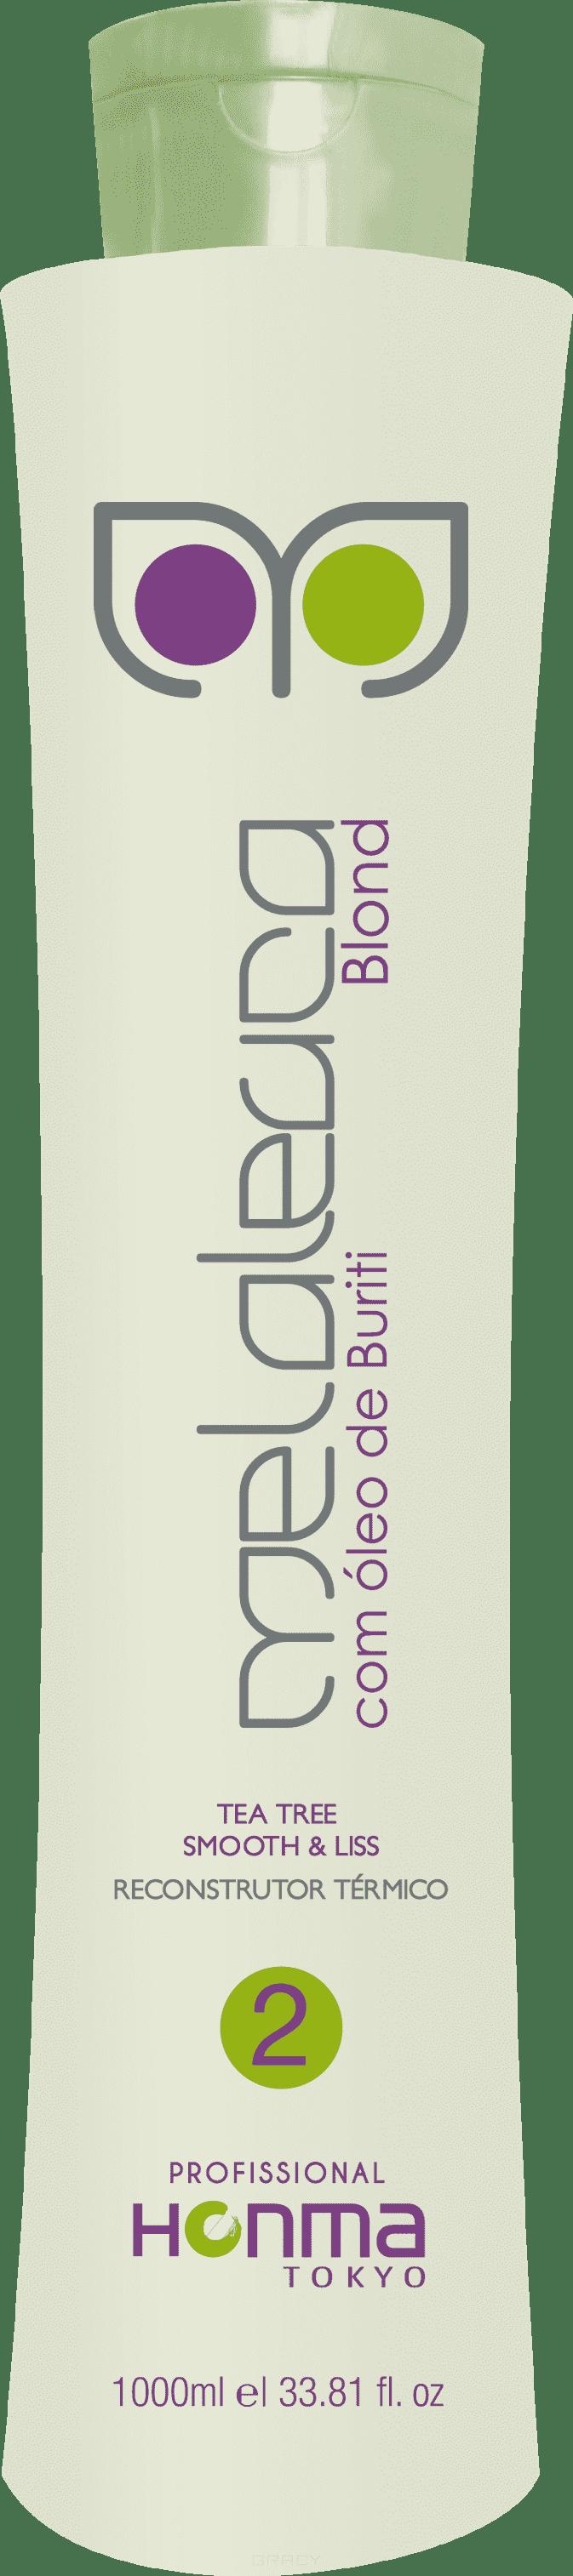 Honma Tokyo, Система мягкость и выпрямление Escova de Melaleuca Blond Шаг 2, 100 млGreenism - эко-серия для ухода<br><br>